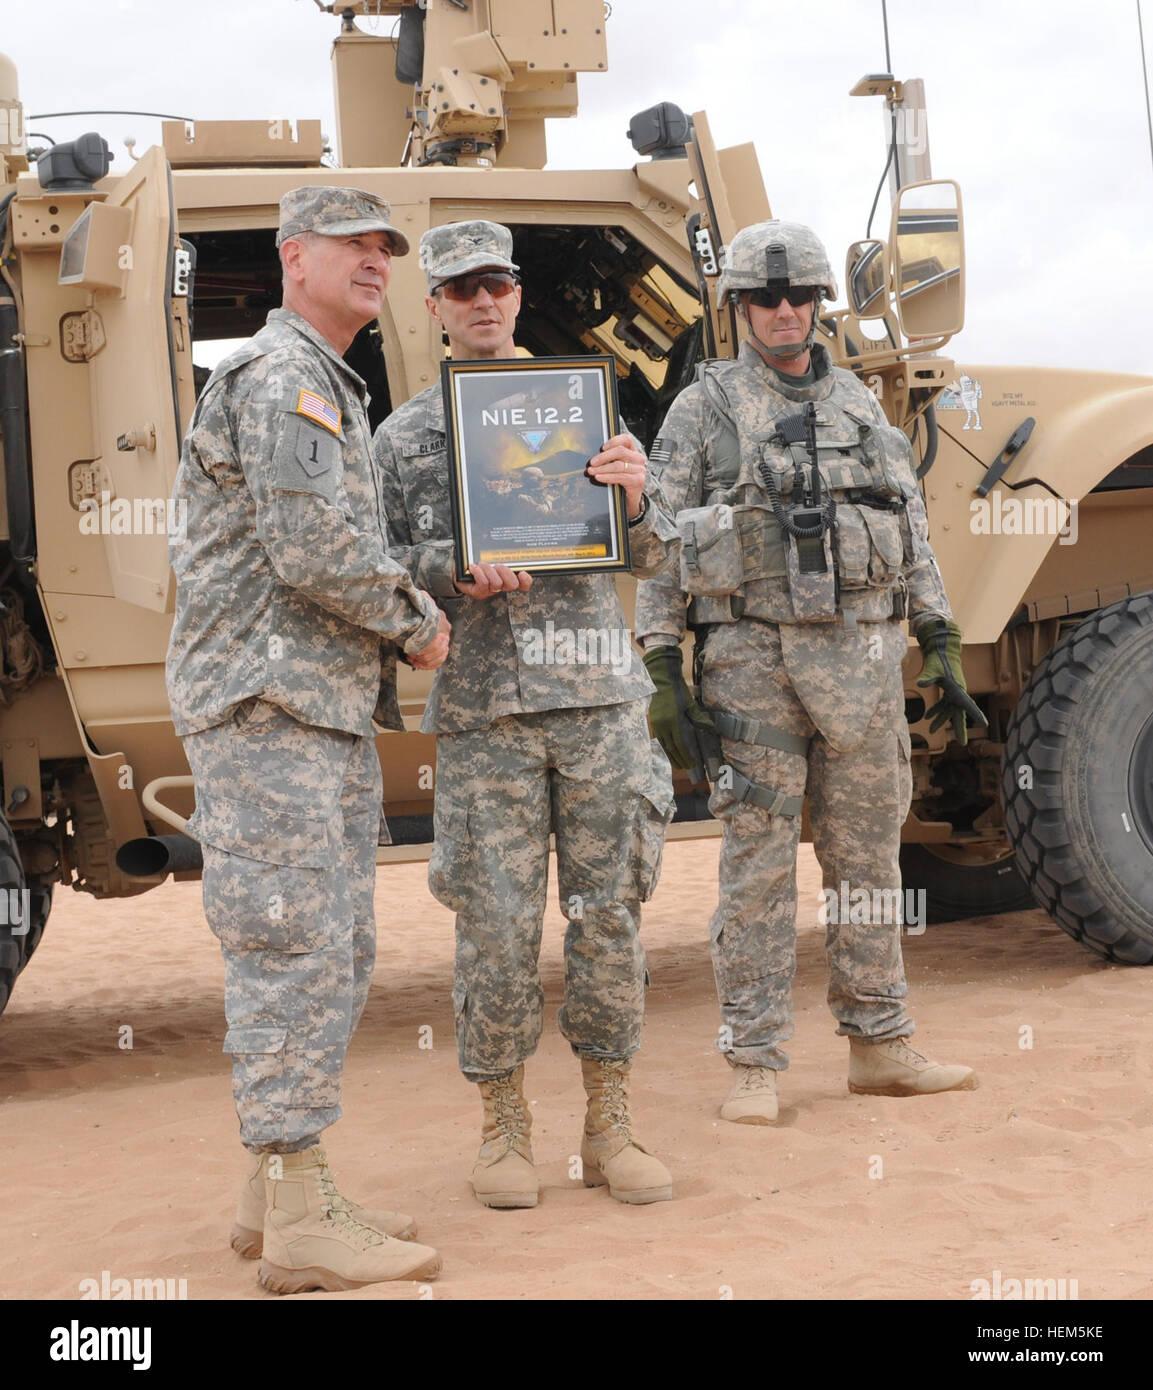 78cda802f0e48 U S Army Col Richard Clarke Stock Photos   U S Army Col Richard ...